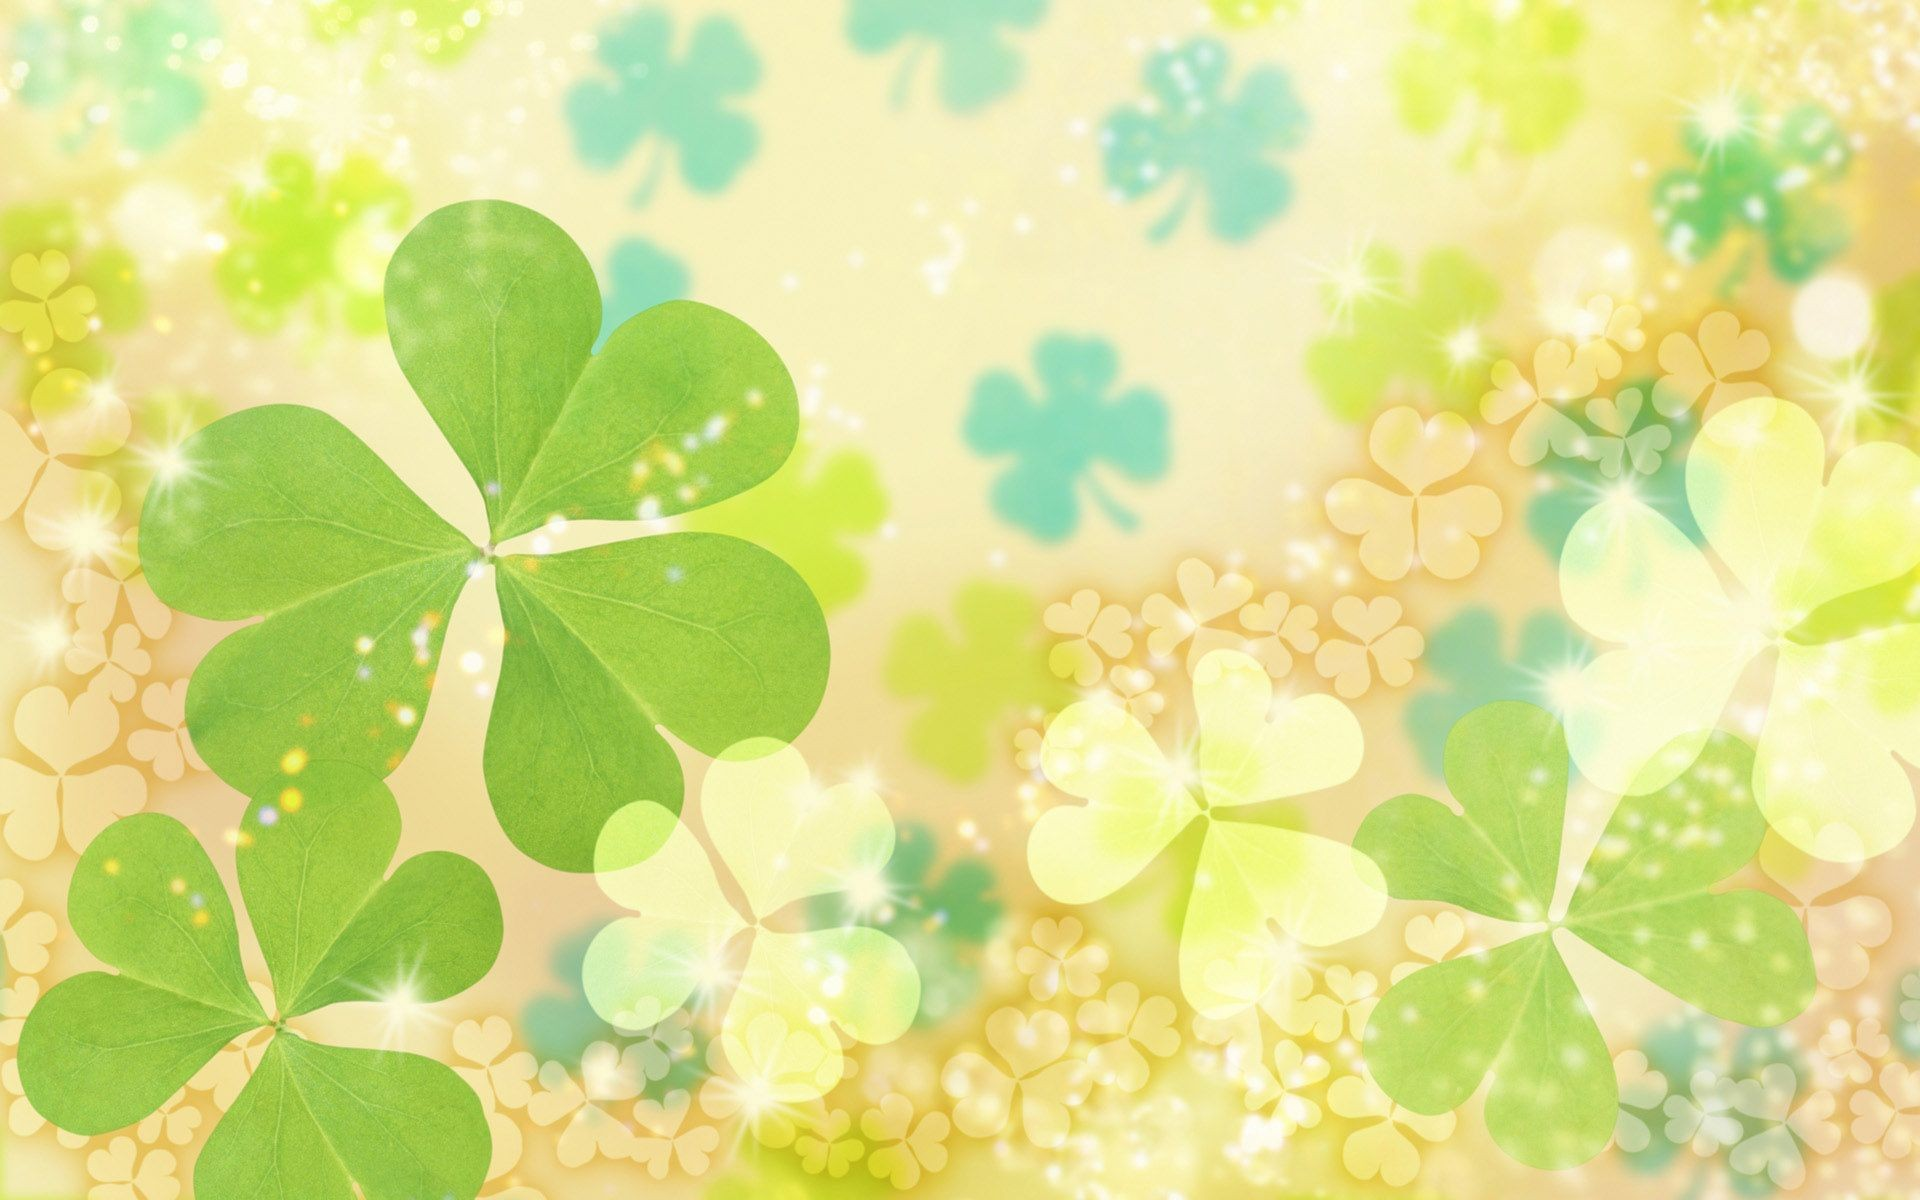 Flores y hojas en digital - 1920x1200